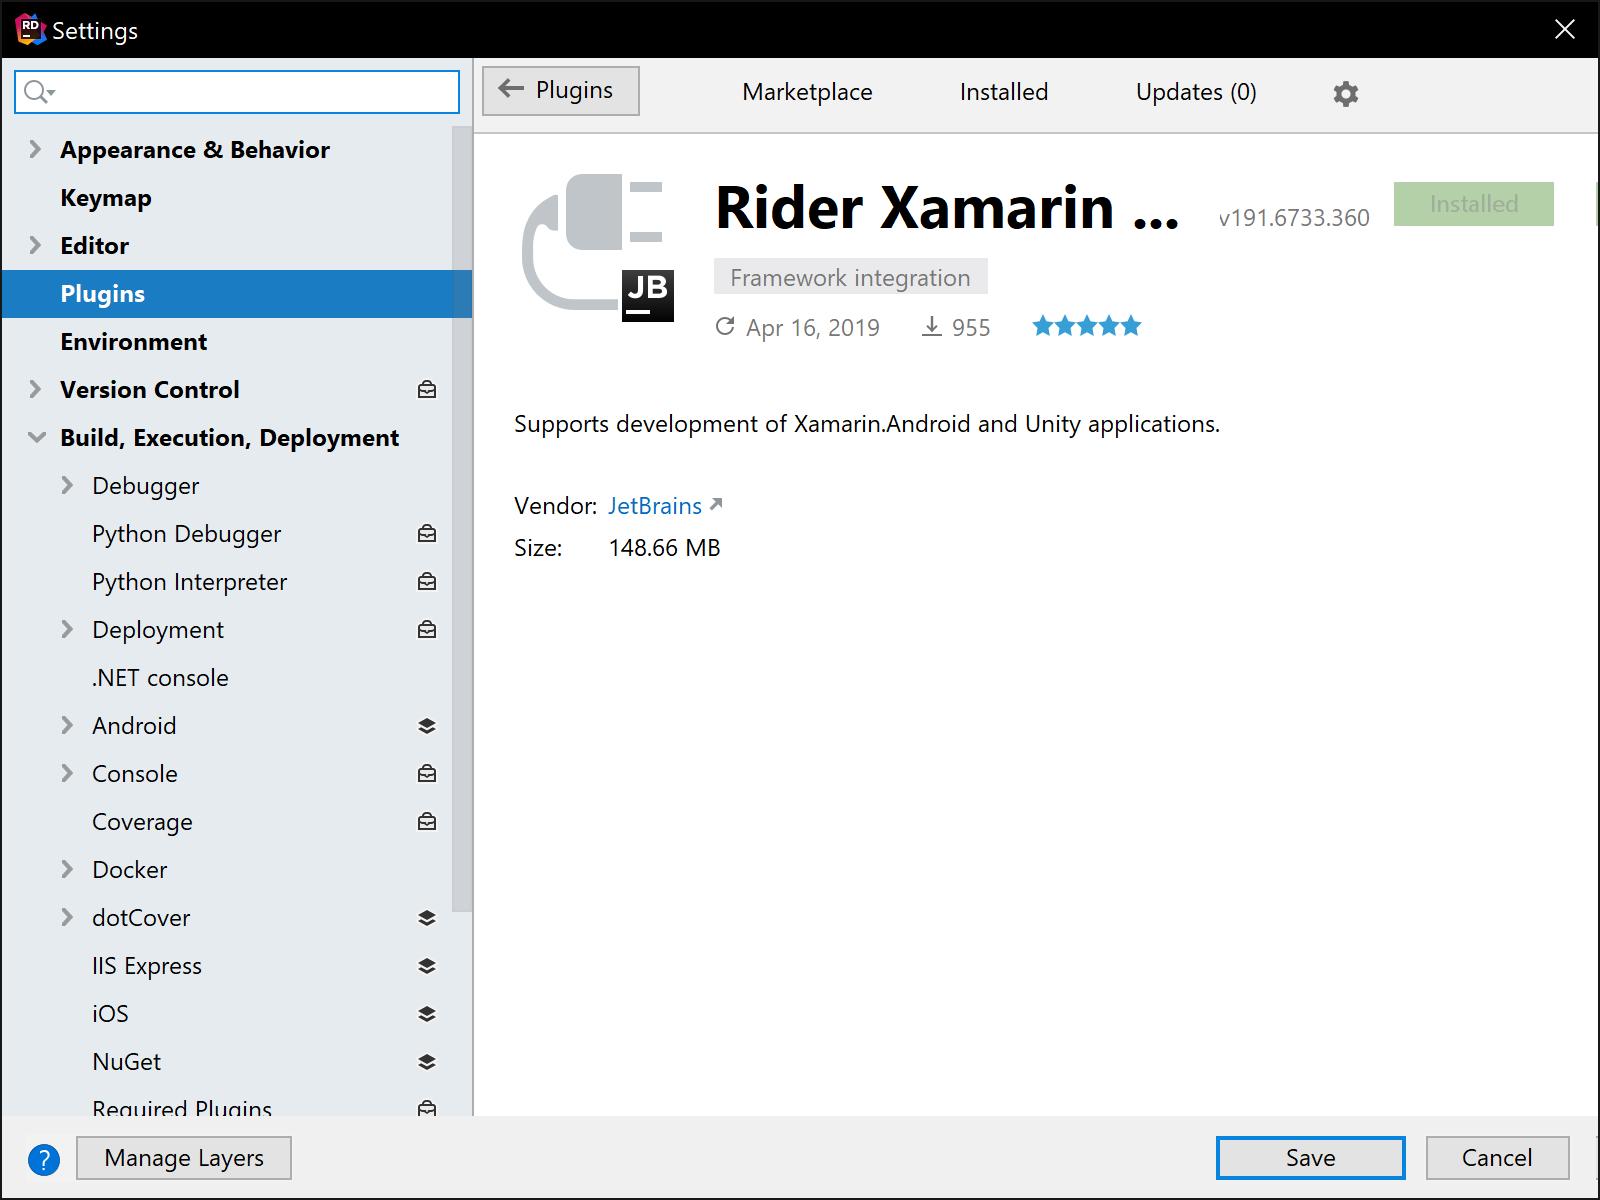 Rider Xamarin Plugin Install